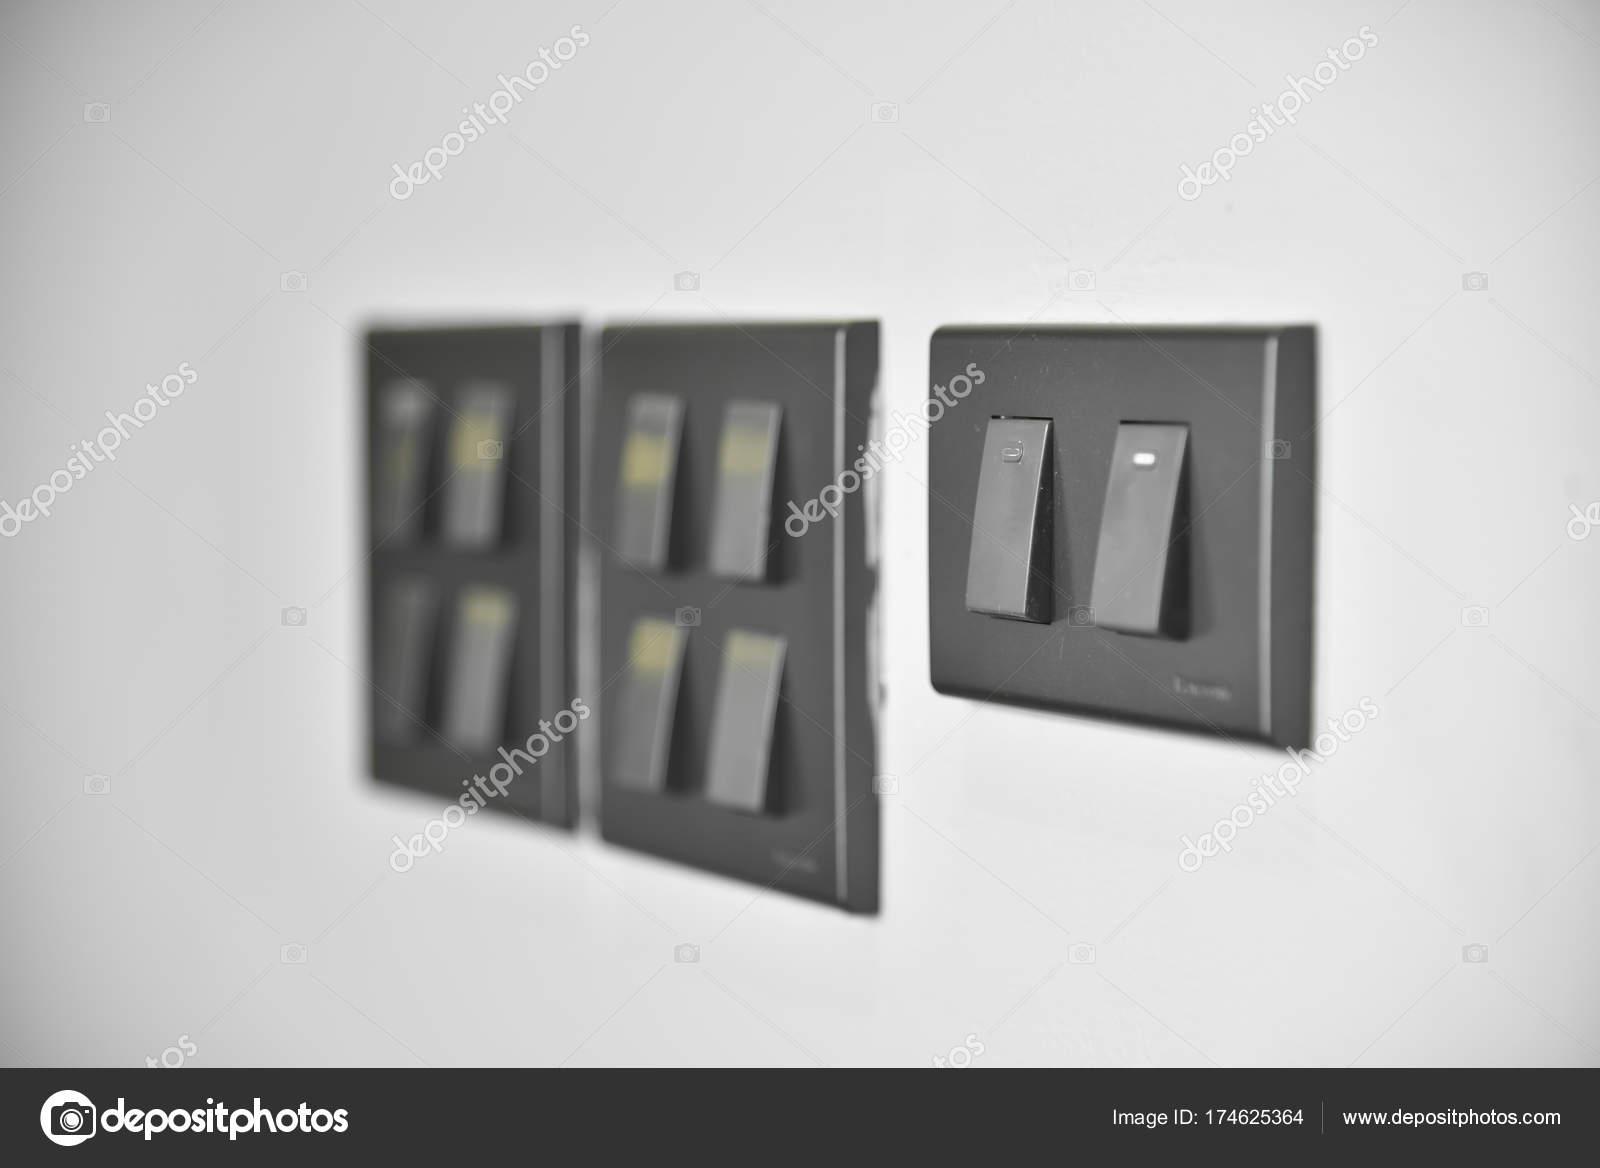 Beleuchtung schaltet auf Wand — Stockfoto © eggeeggjiew #174625364